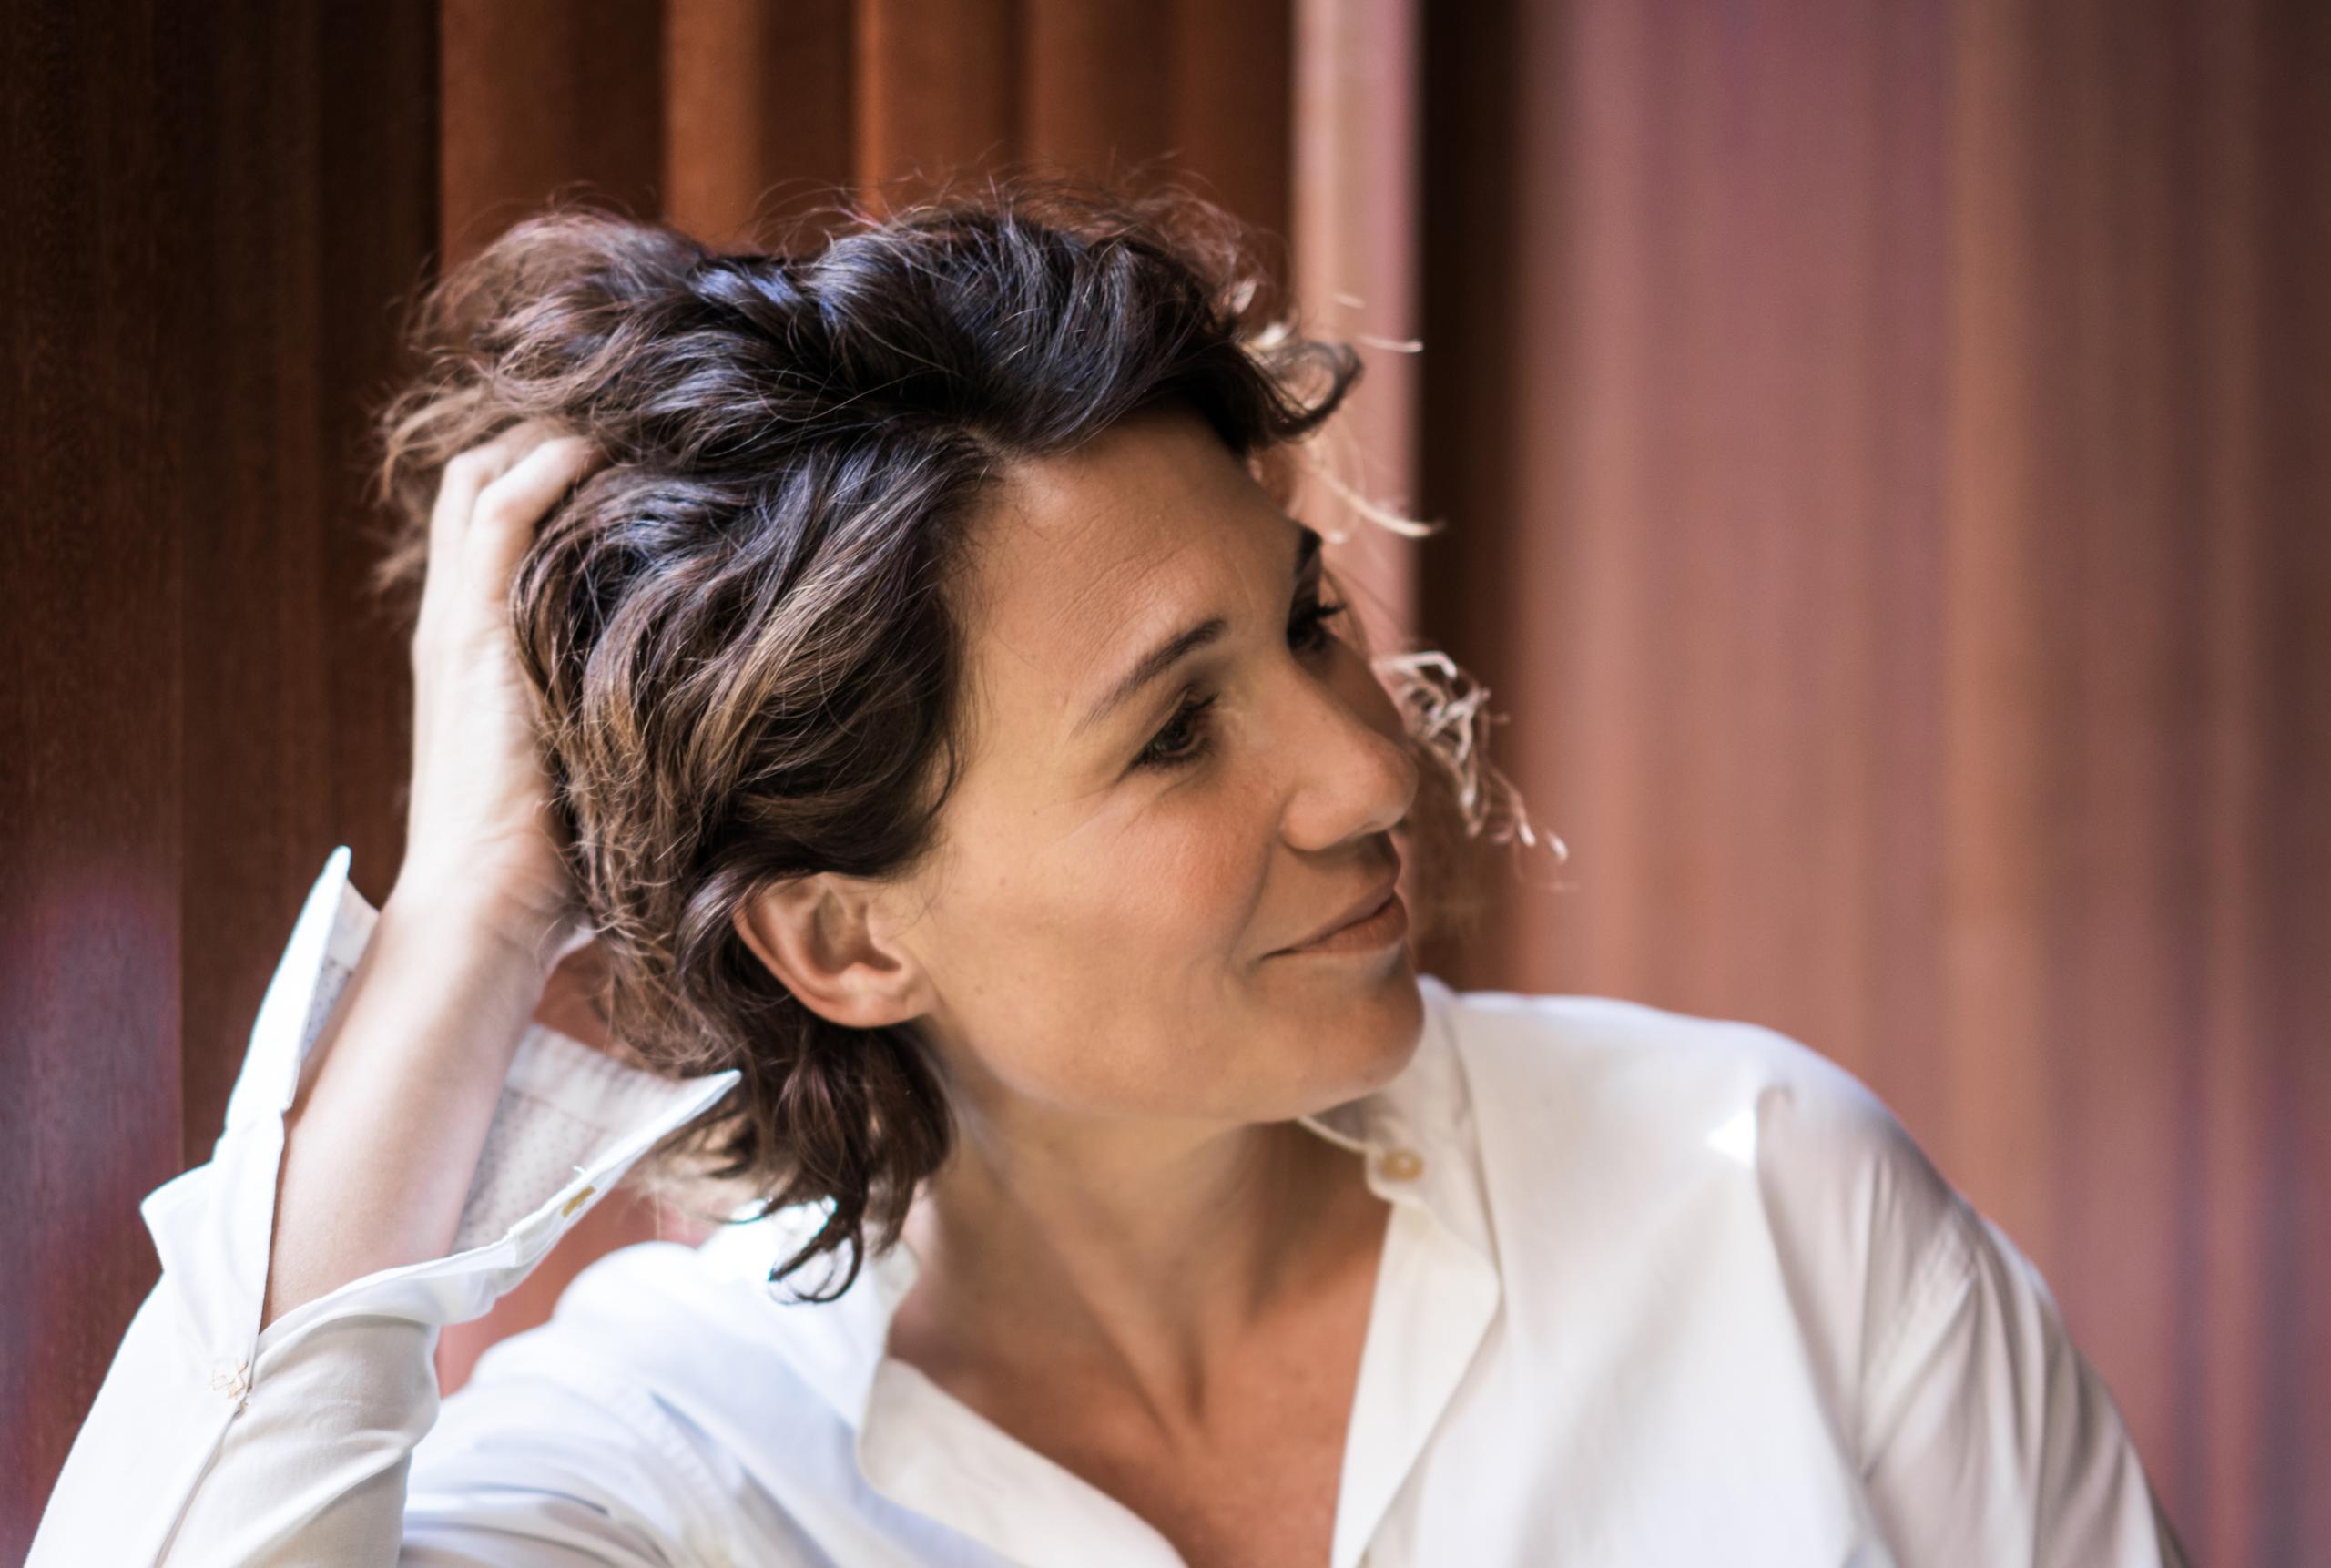 Alexandra Helmig (Foto: © Luis Zeno Kuhn)